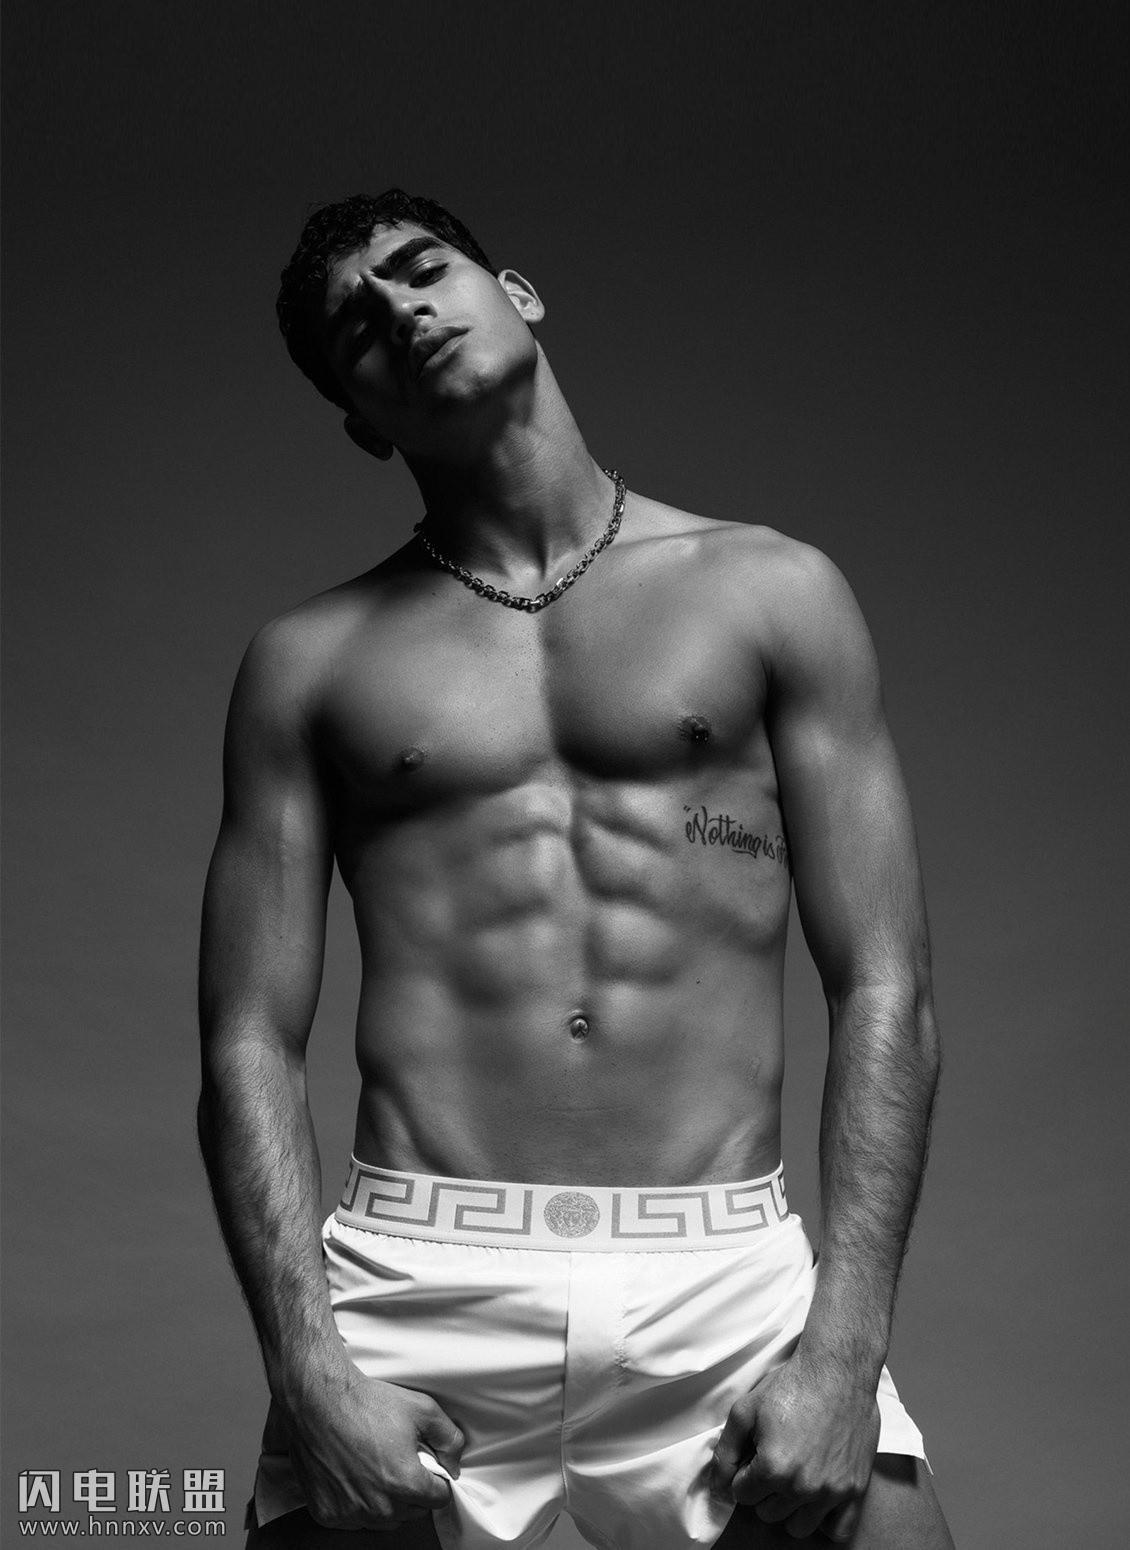 高颜值性感欧美肌肉男模写真